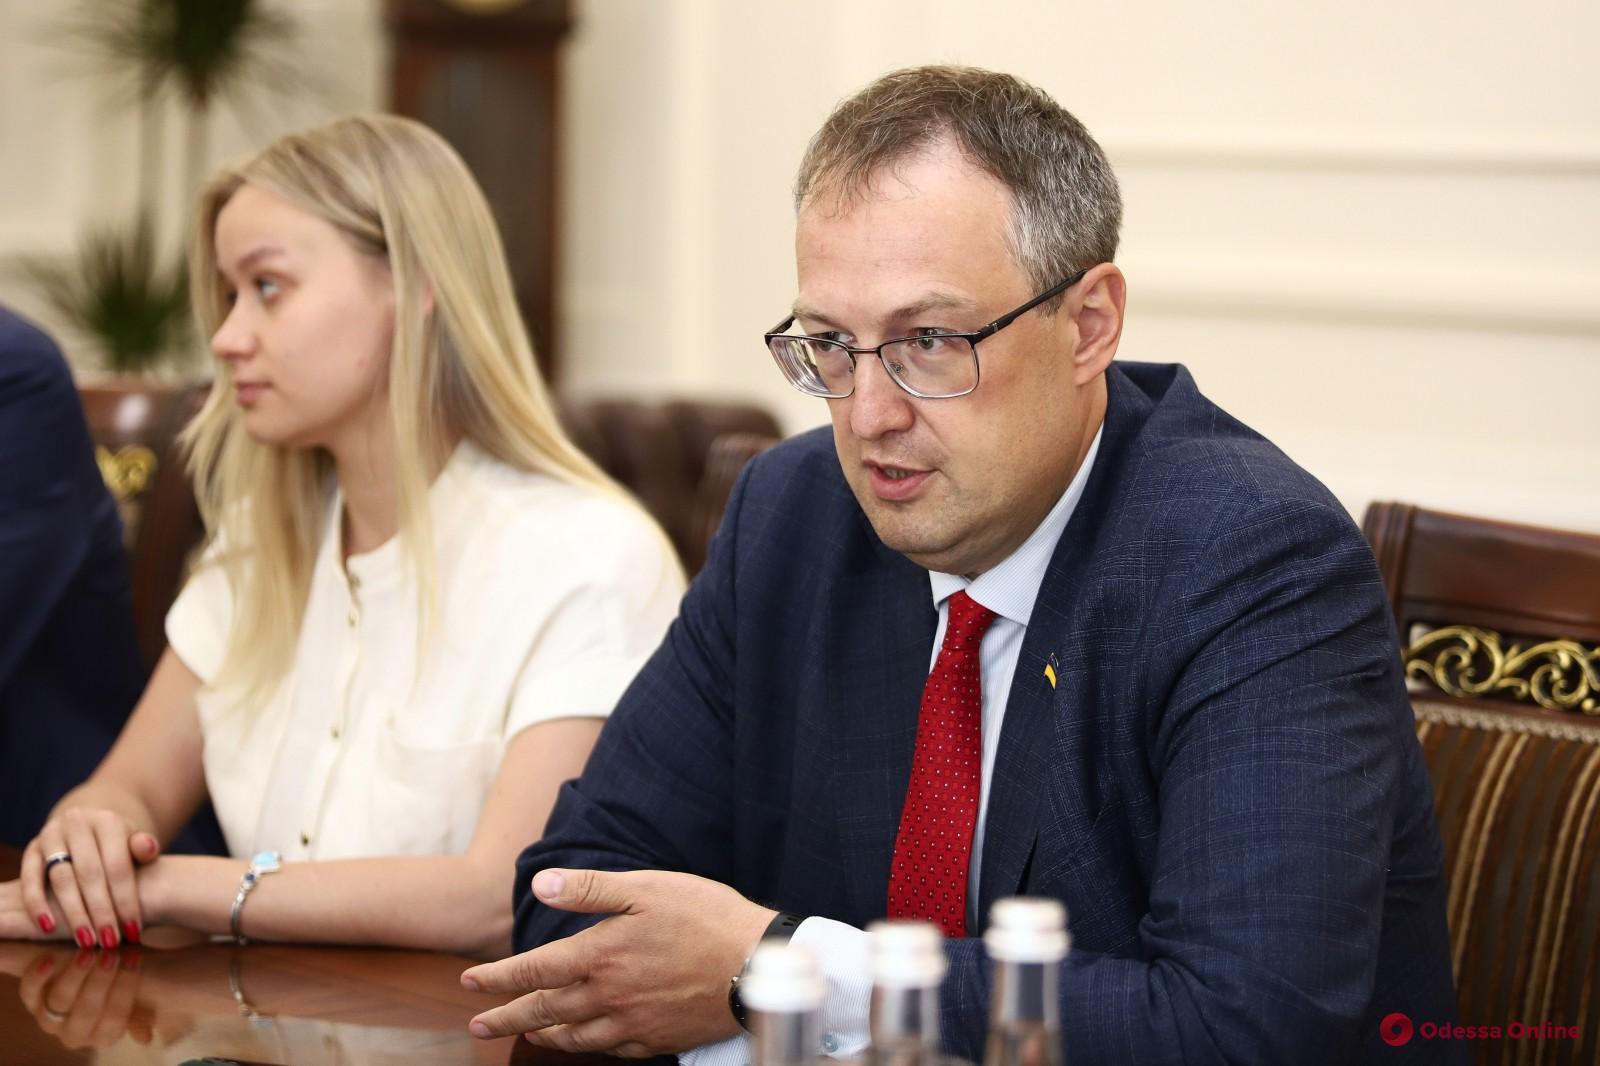 Мэр Одессы Геннадий Труханов встретился с замминистра внутренних дел Украины Антоном Геращенко